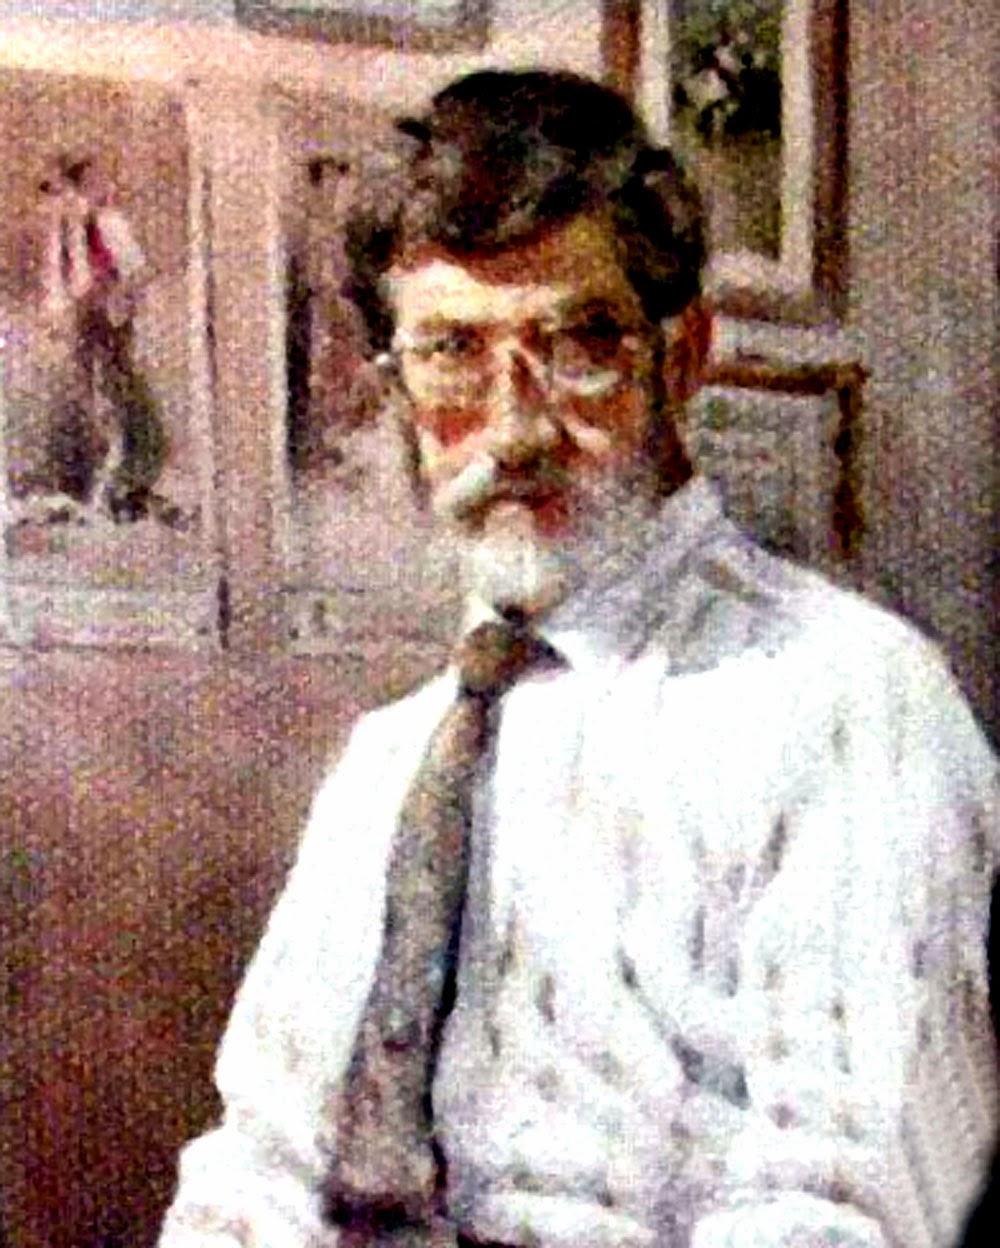 Rafael Sempere, Maestros españoles del retrato, Retratos de  Rafael Sempere, Pintor Valenciano, Pintores deValencia, Acuarelista Valencianos, Pintor Vicente Bellver